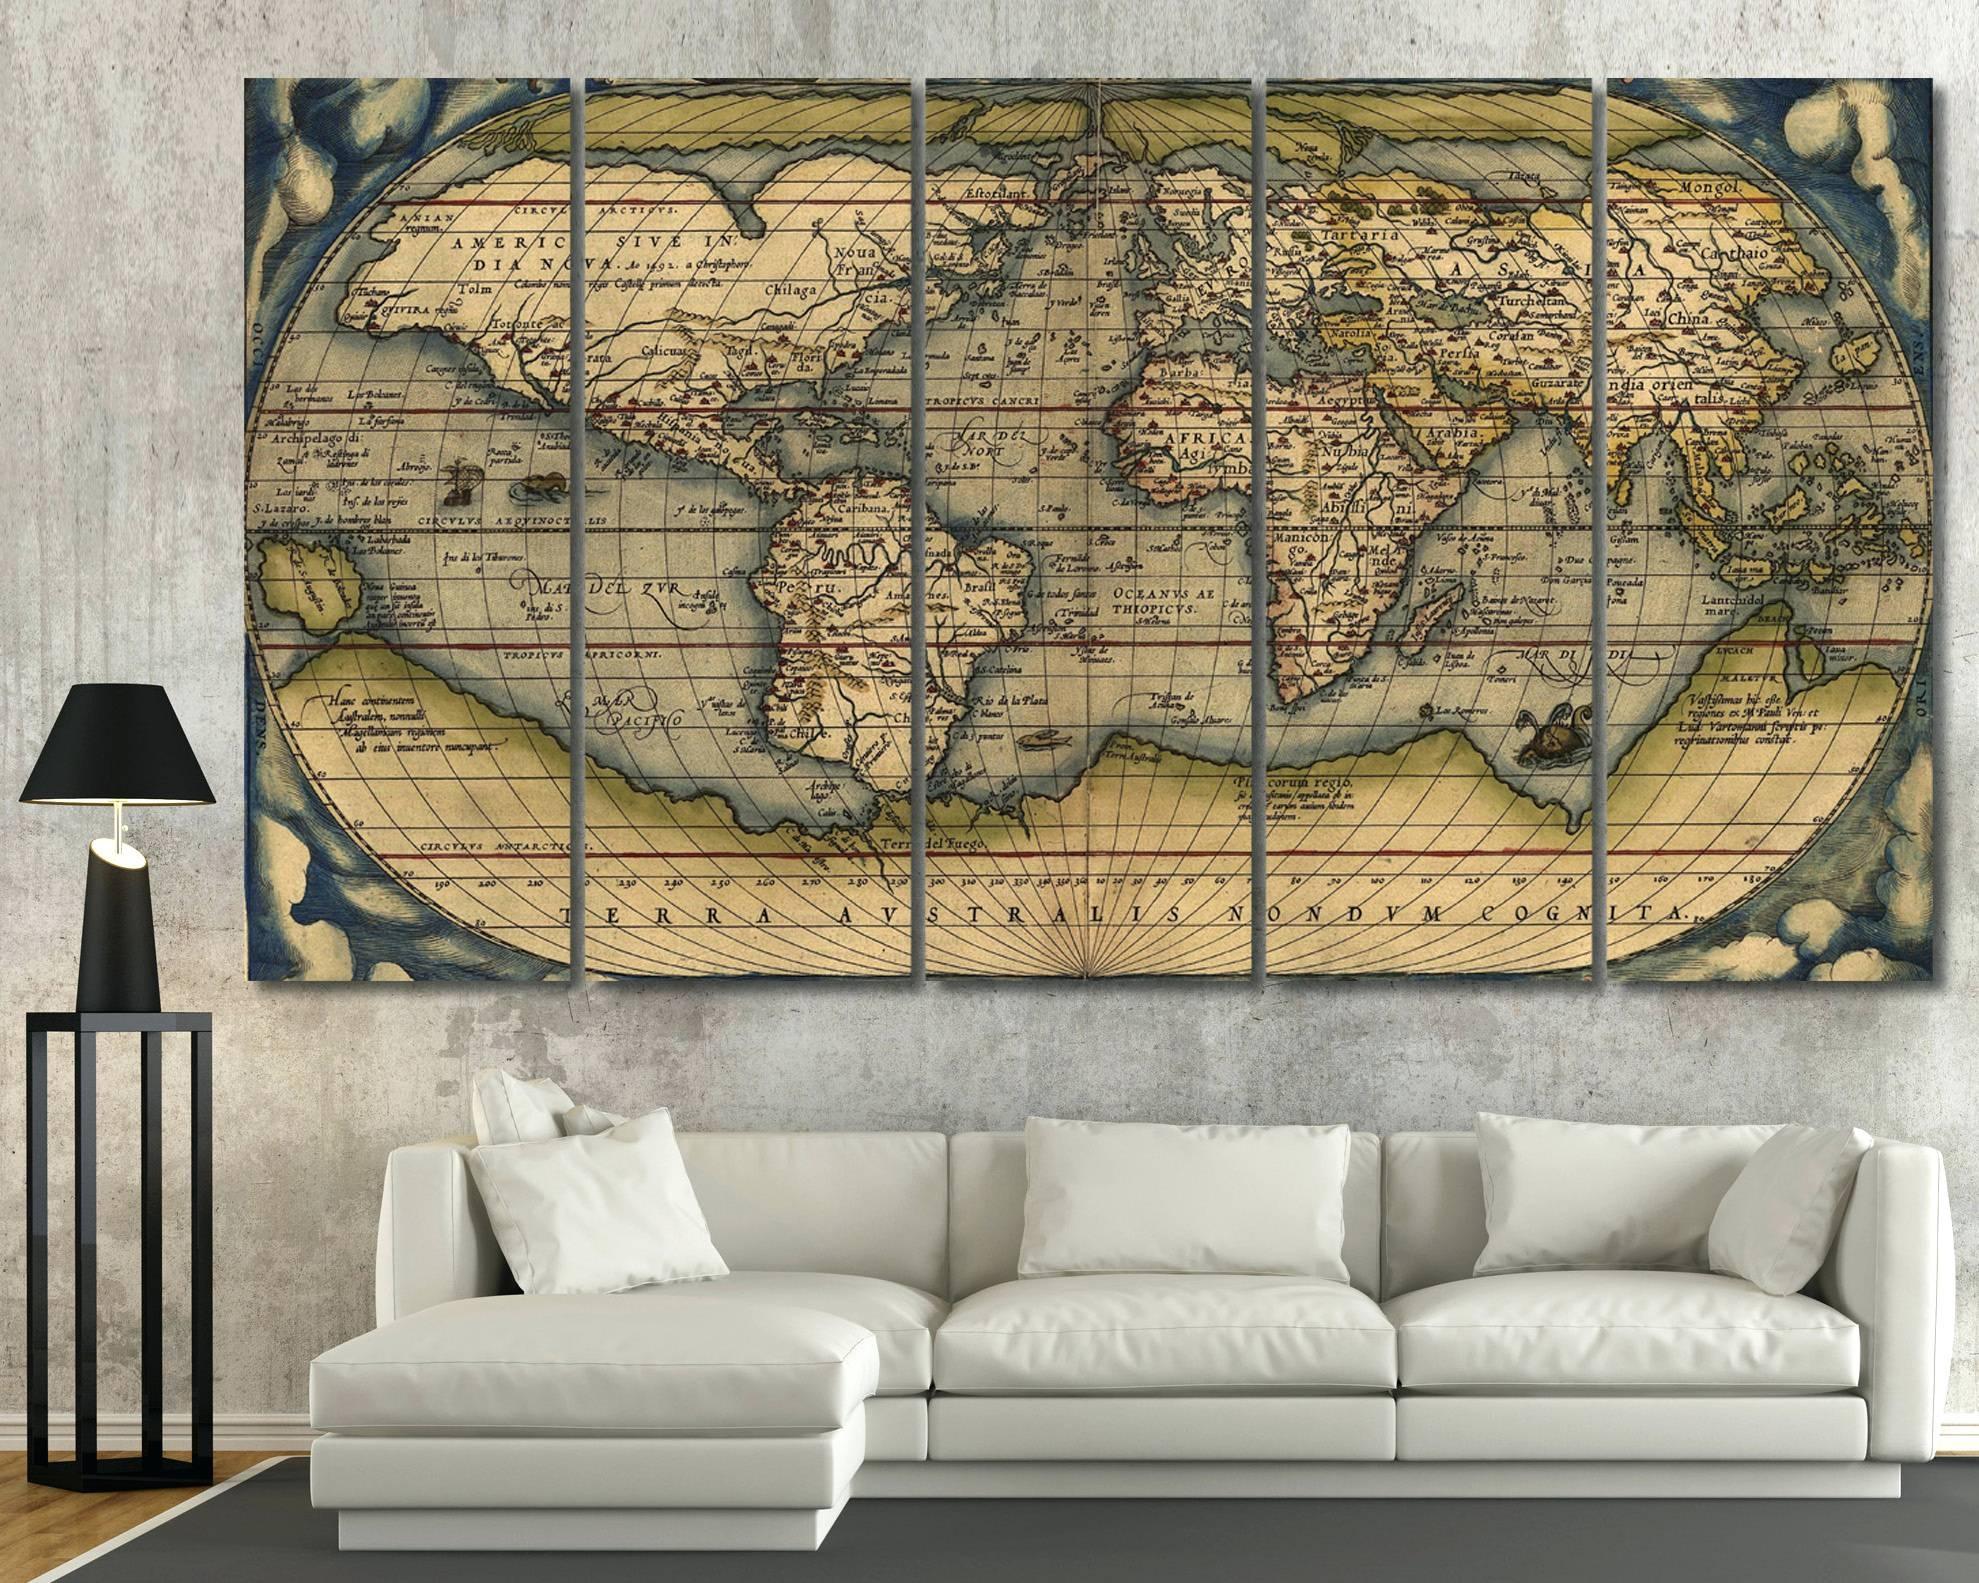 Wall Arts ~ Map Wall Art Etsy Wood Us And Canada Map Wall Art Inside 2018 Africa Map Wall Art (View 7 of 20)